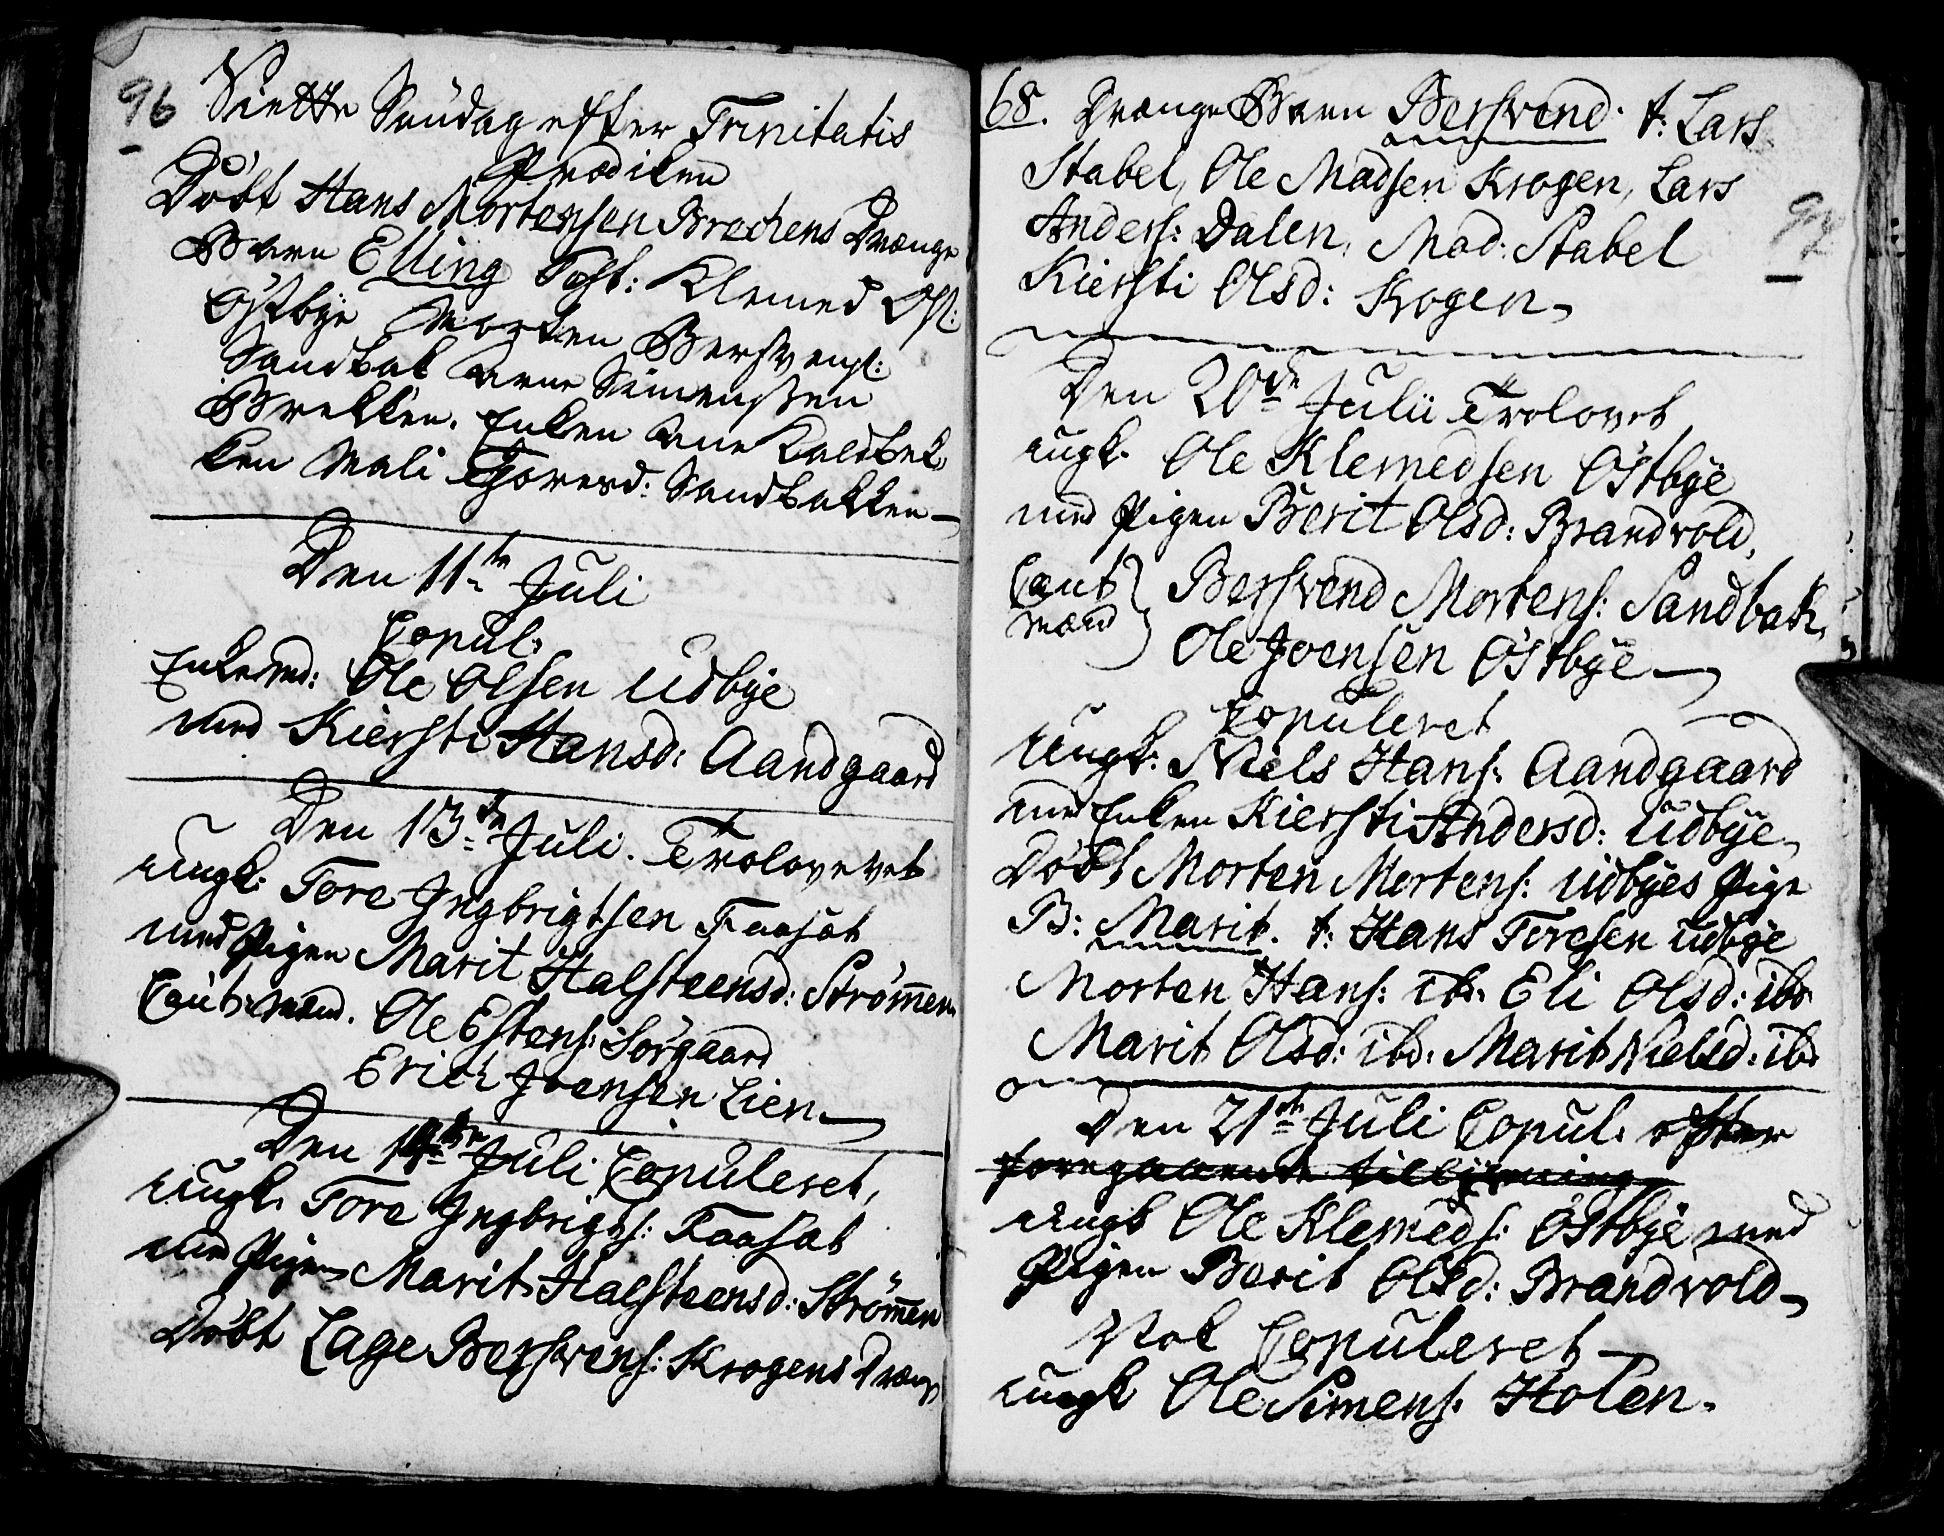 SAH, Tynset prestekontor, Parish register (official) no. 6, 1763-1779, p. 96-97